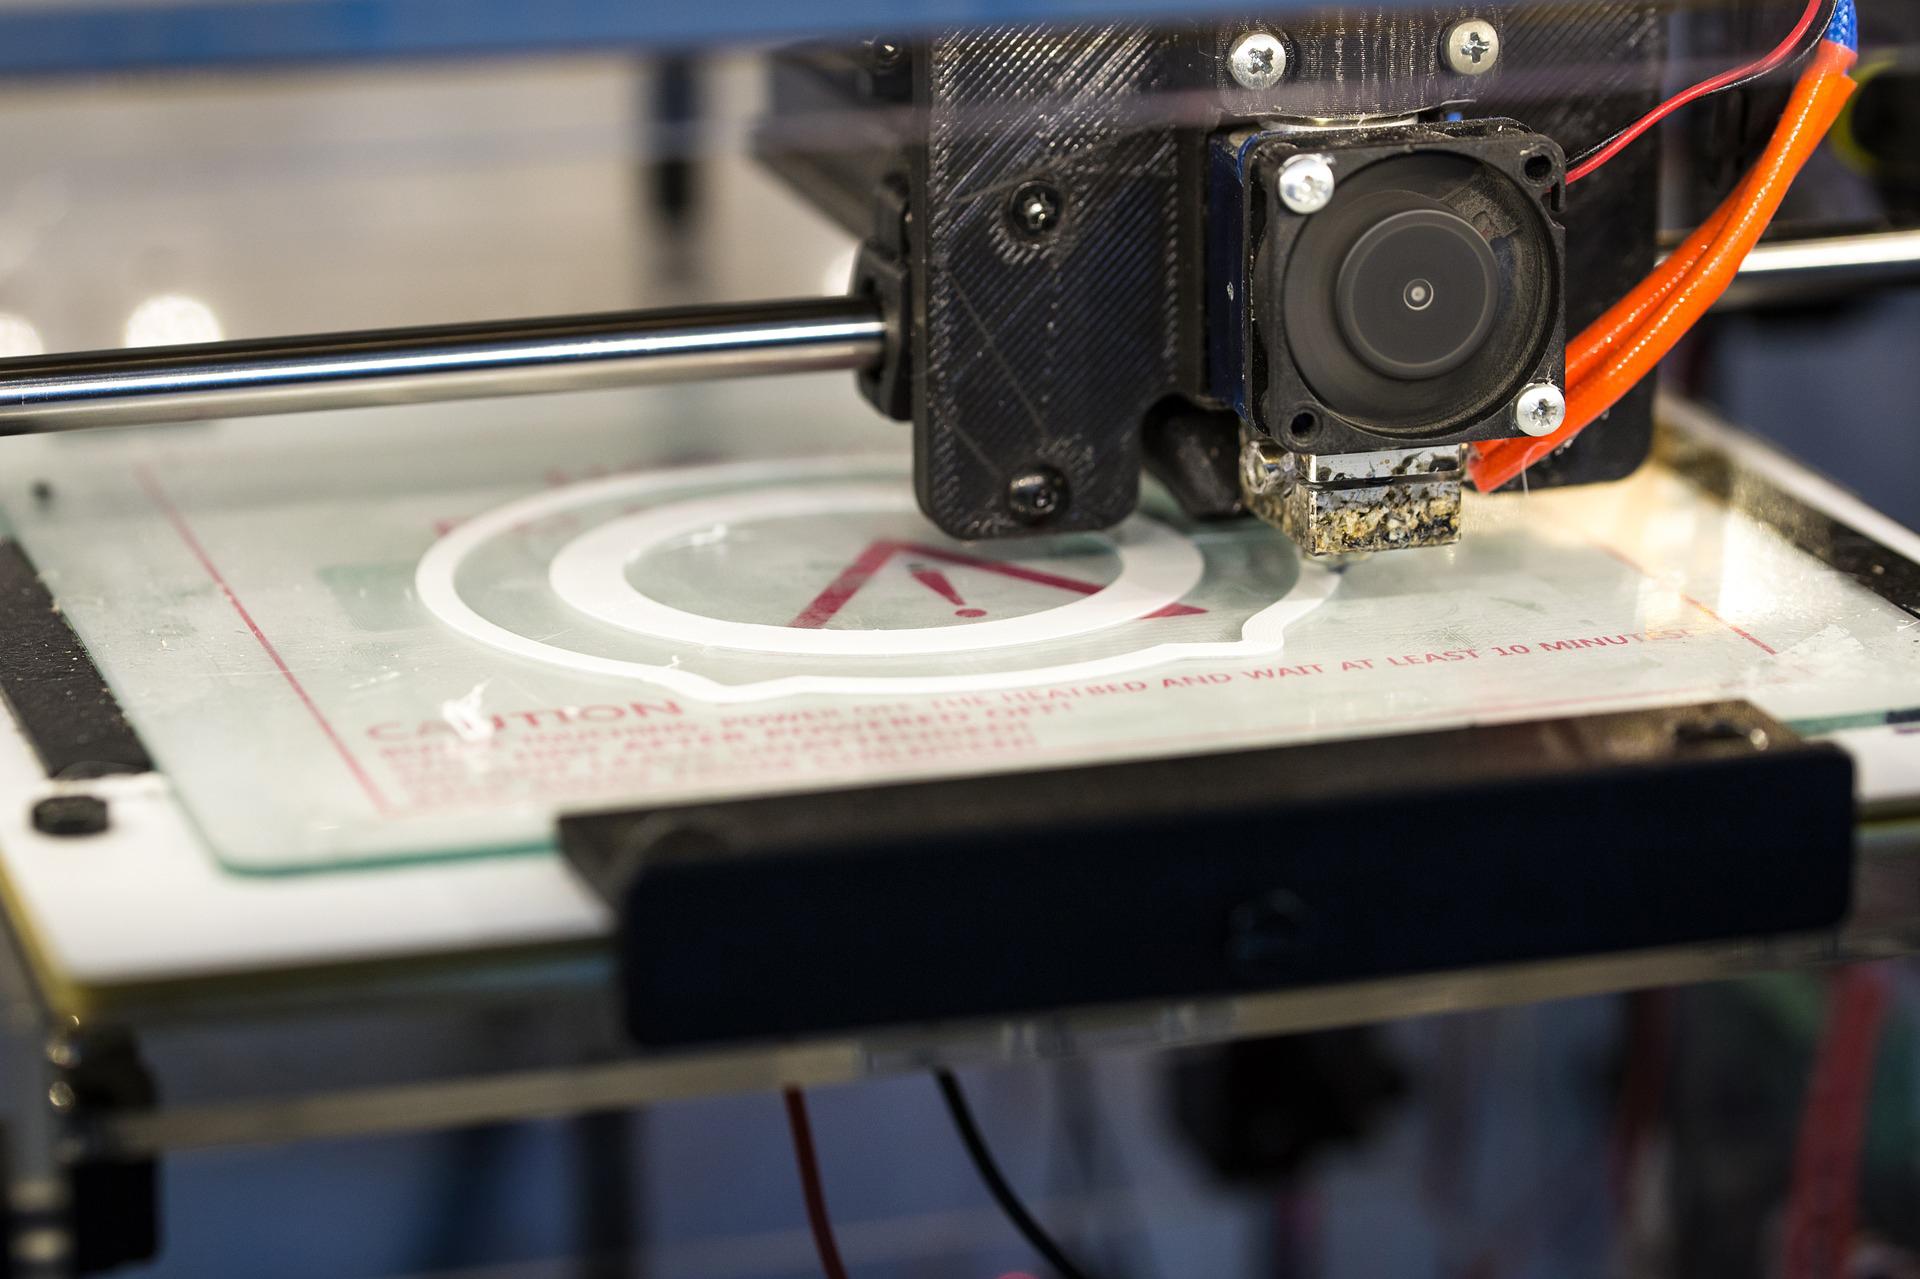 Stampante per la stampa 3D